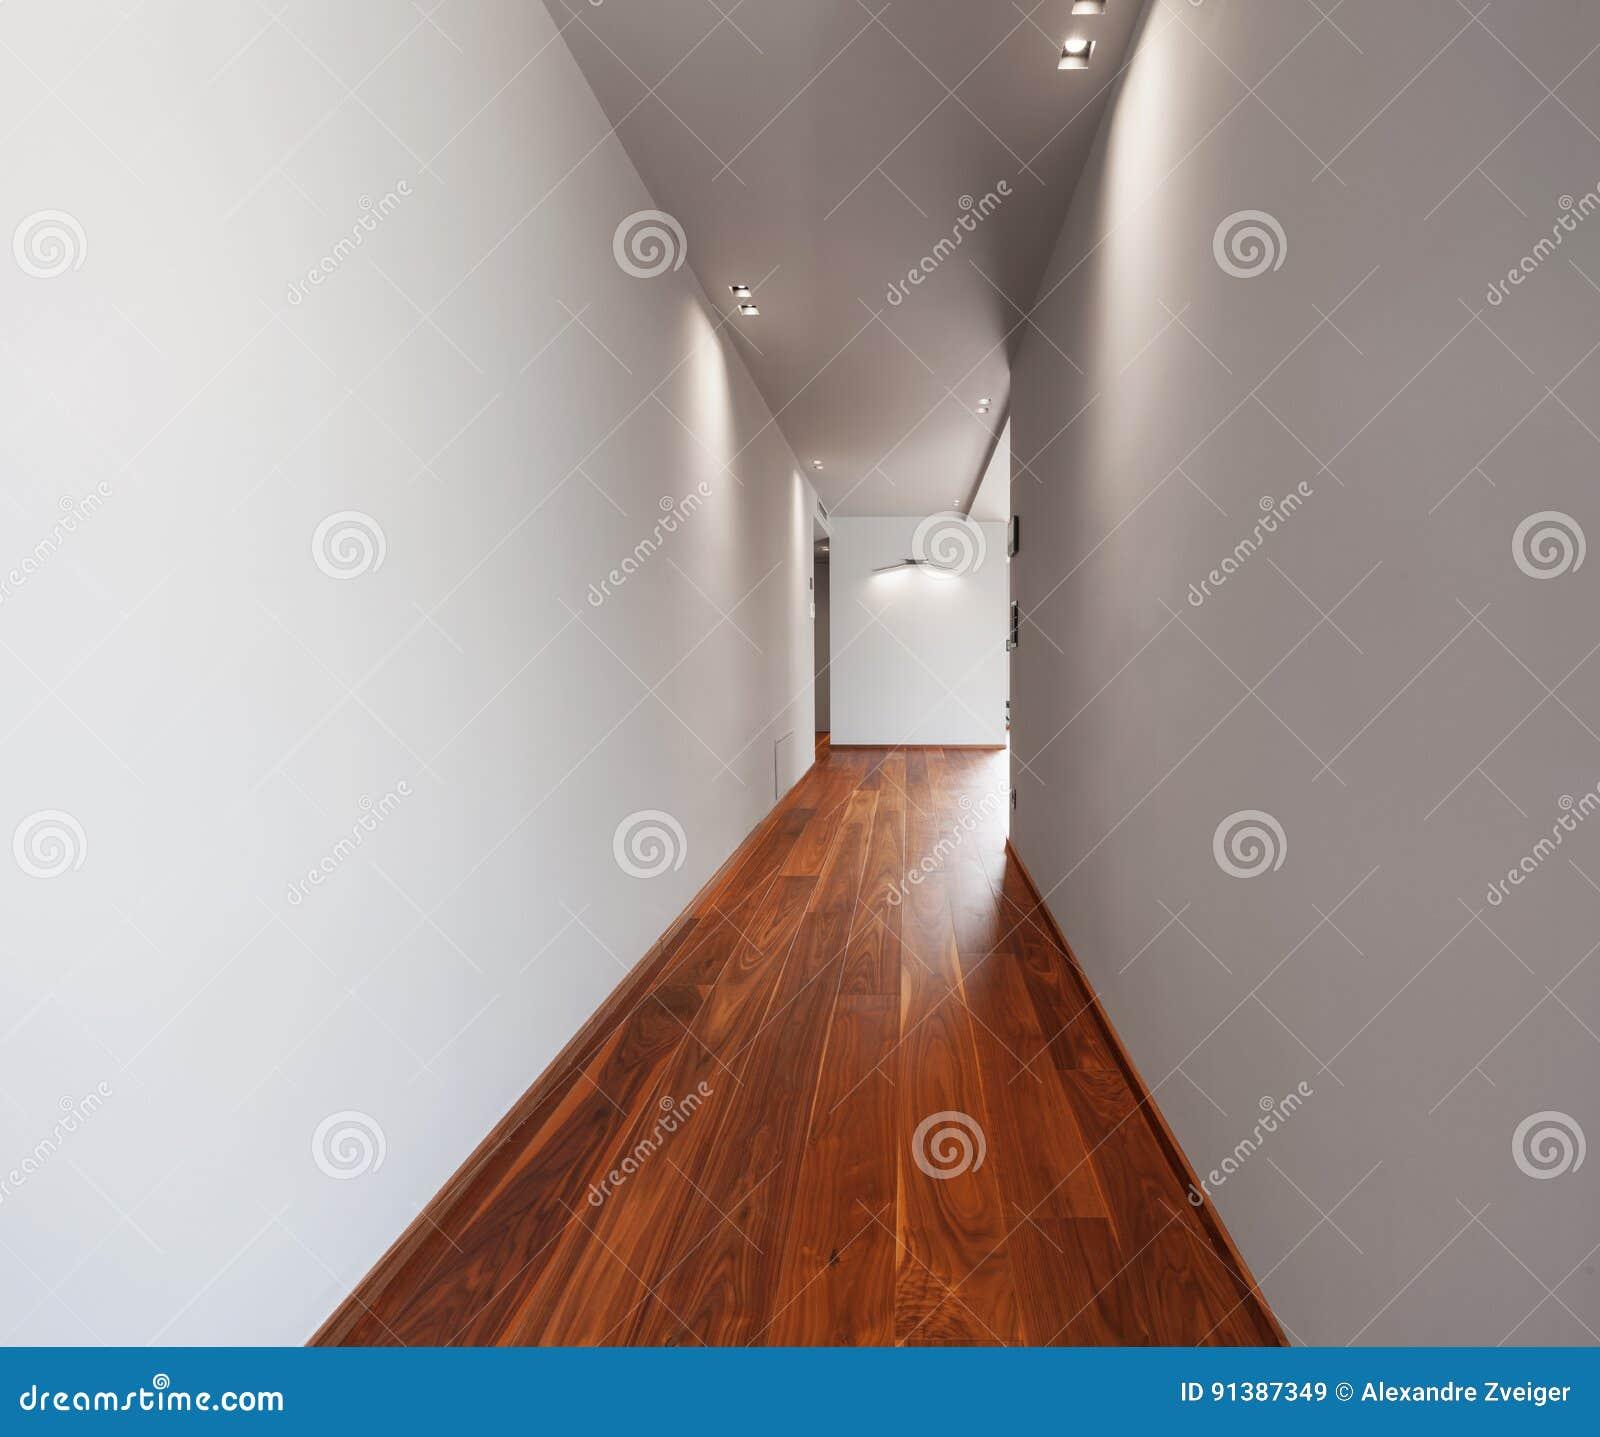 Pasillo en una casa moderna, paredes blancas vacías